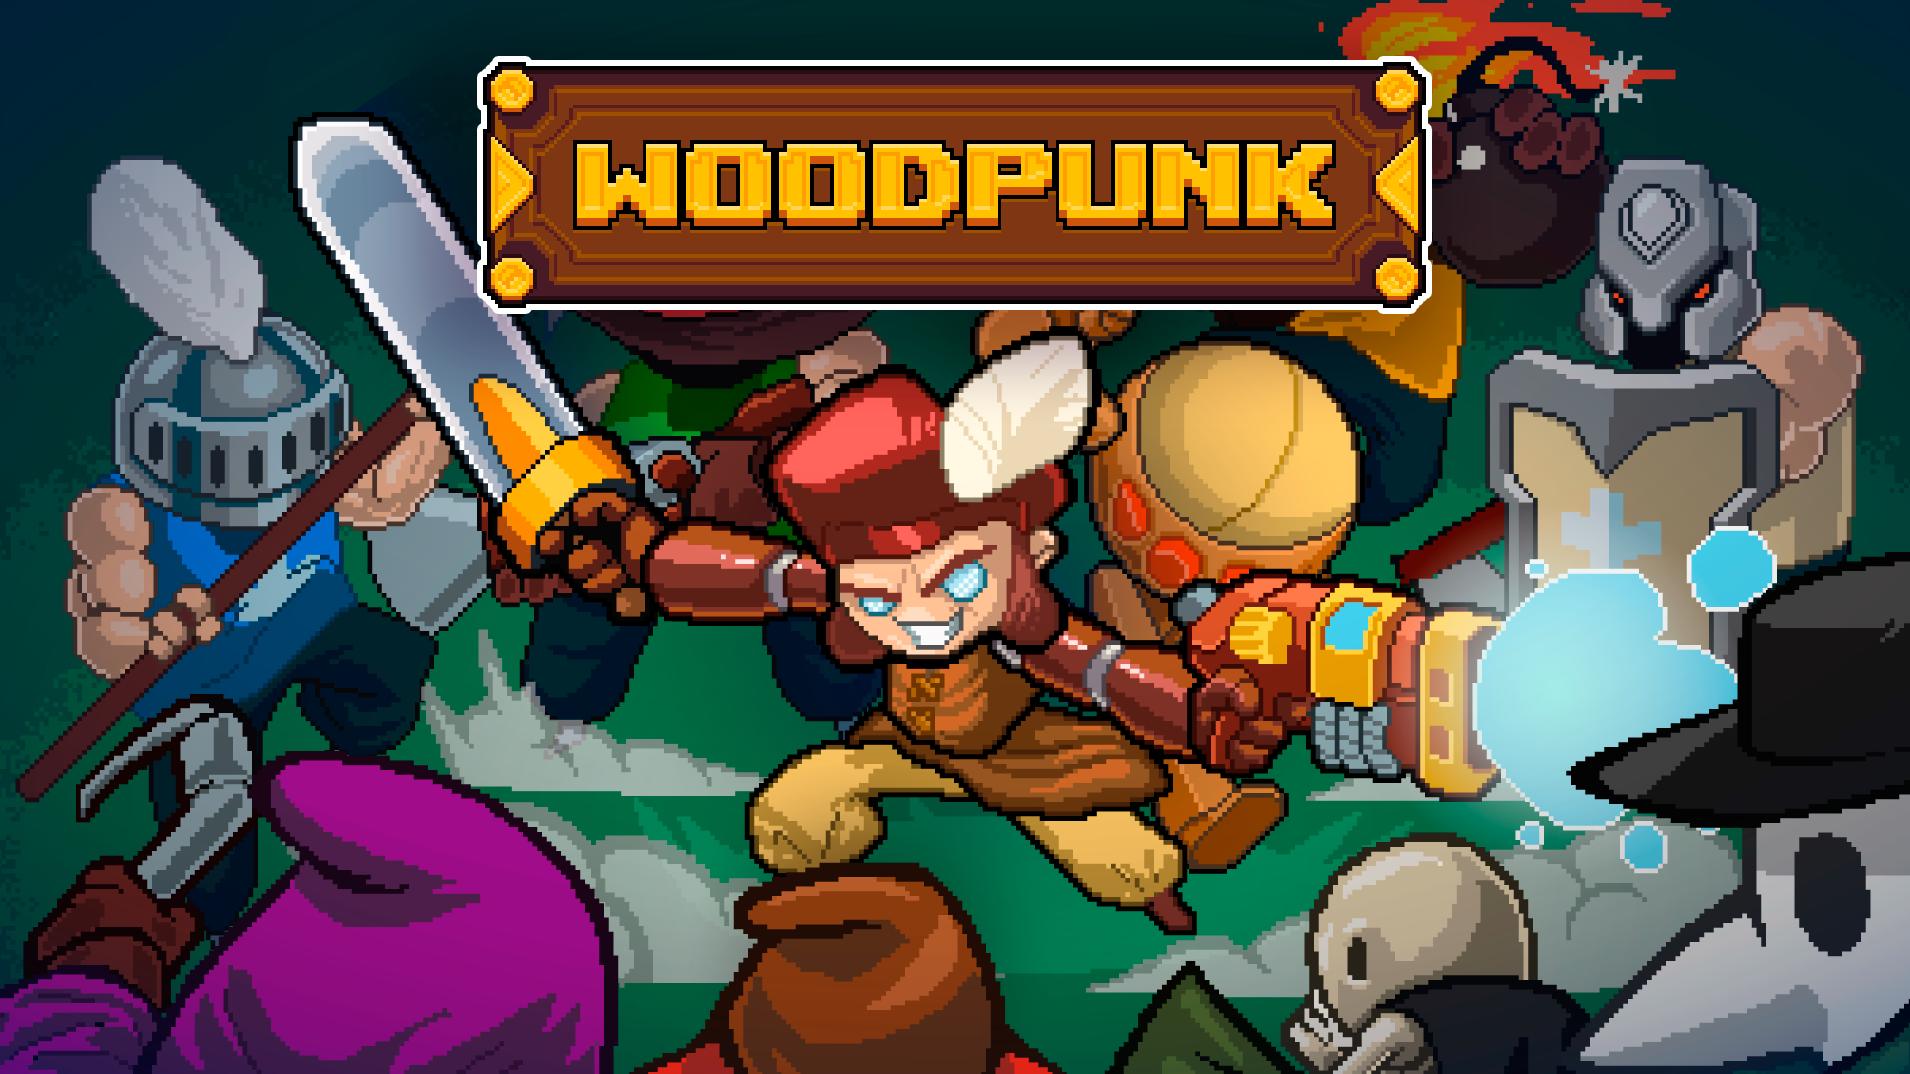 Woodpunk date de sortie